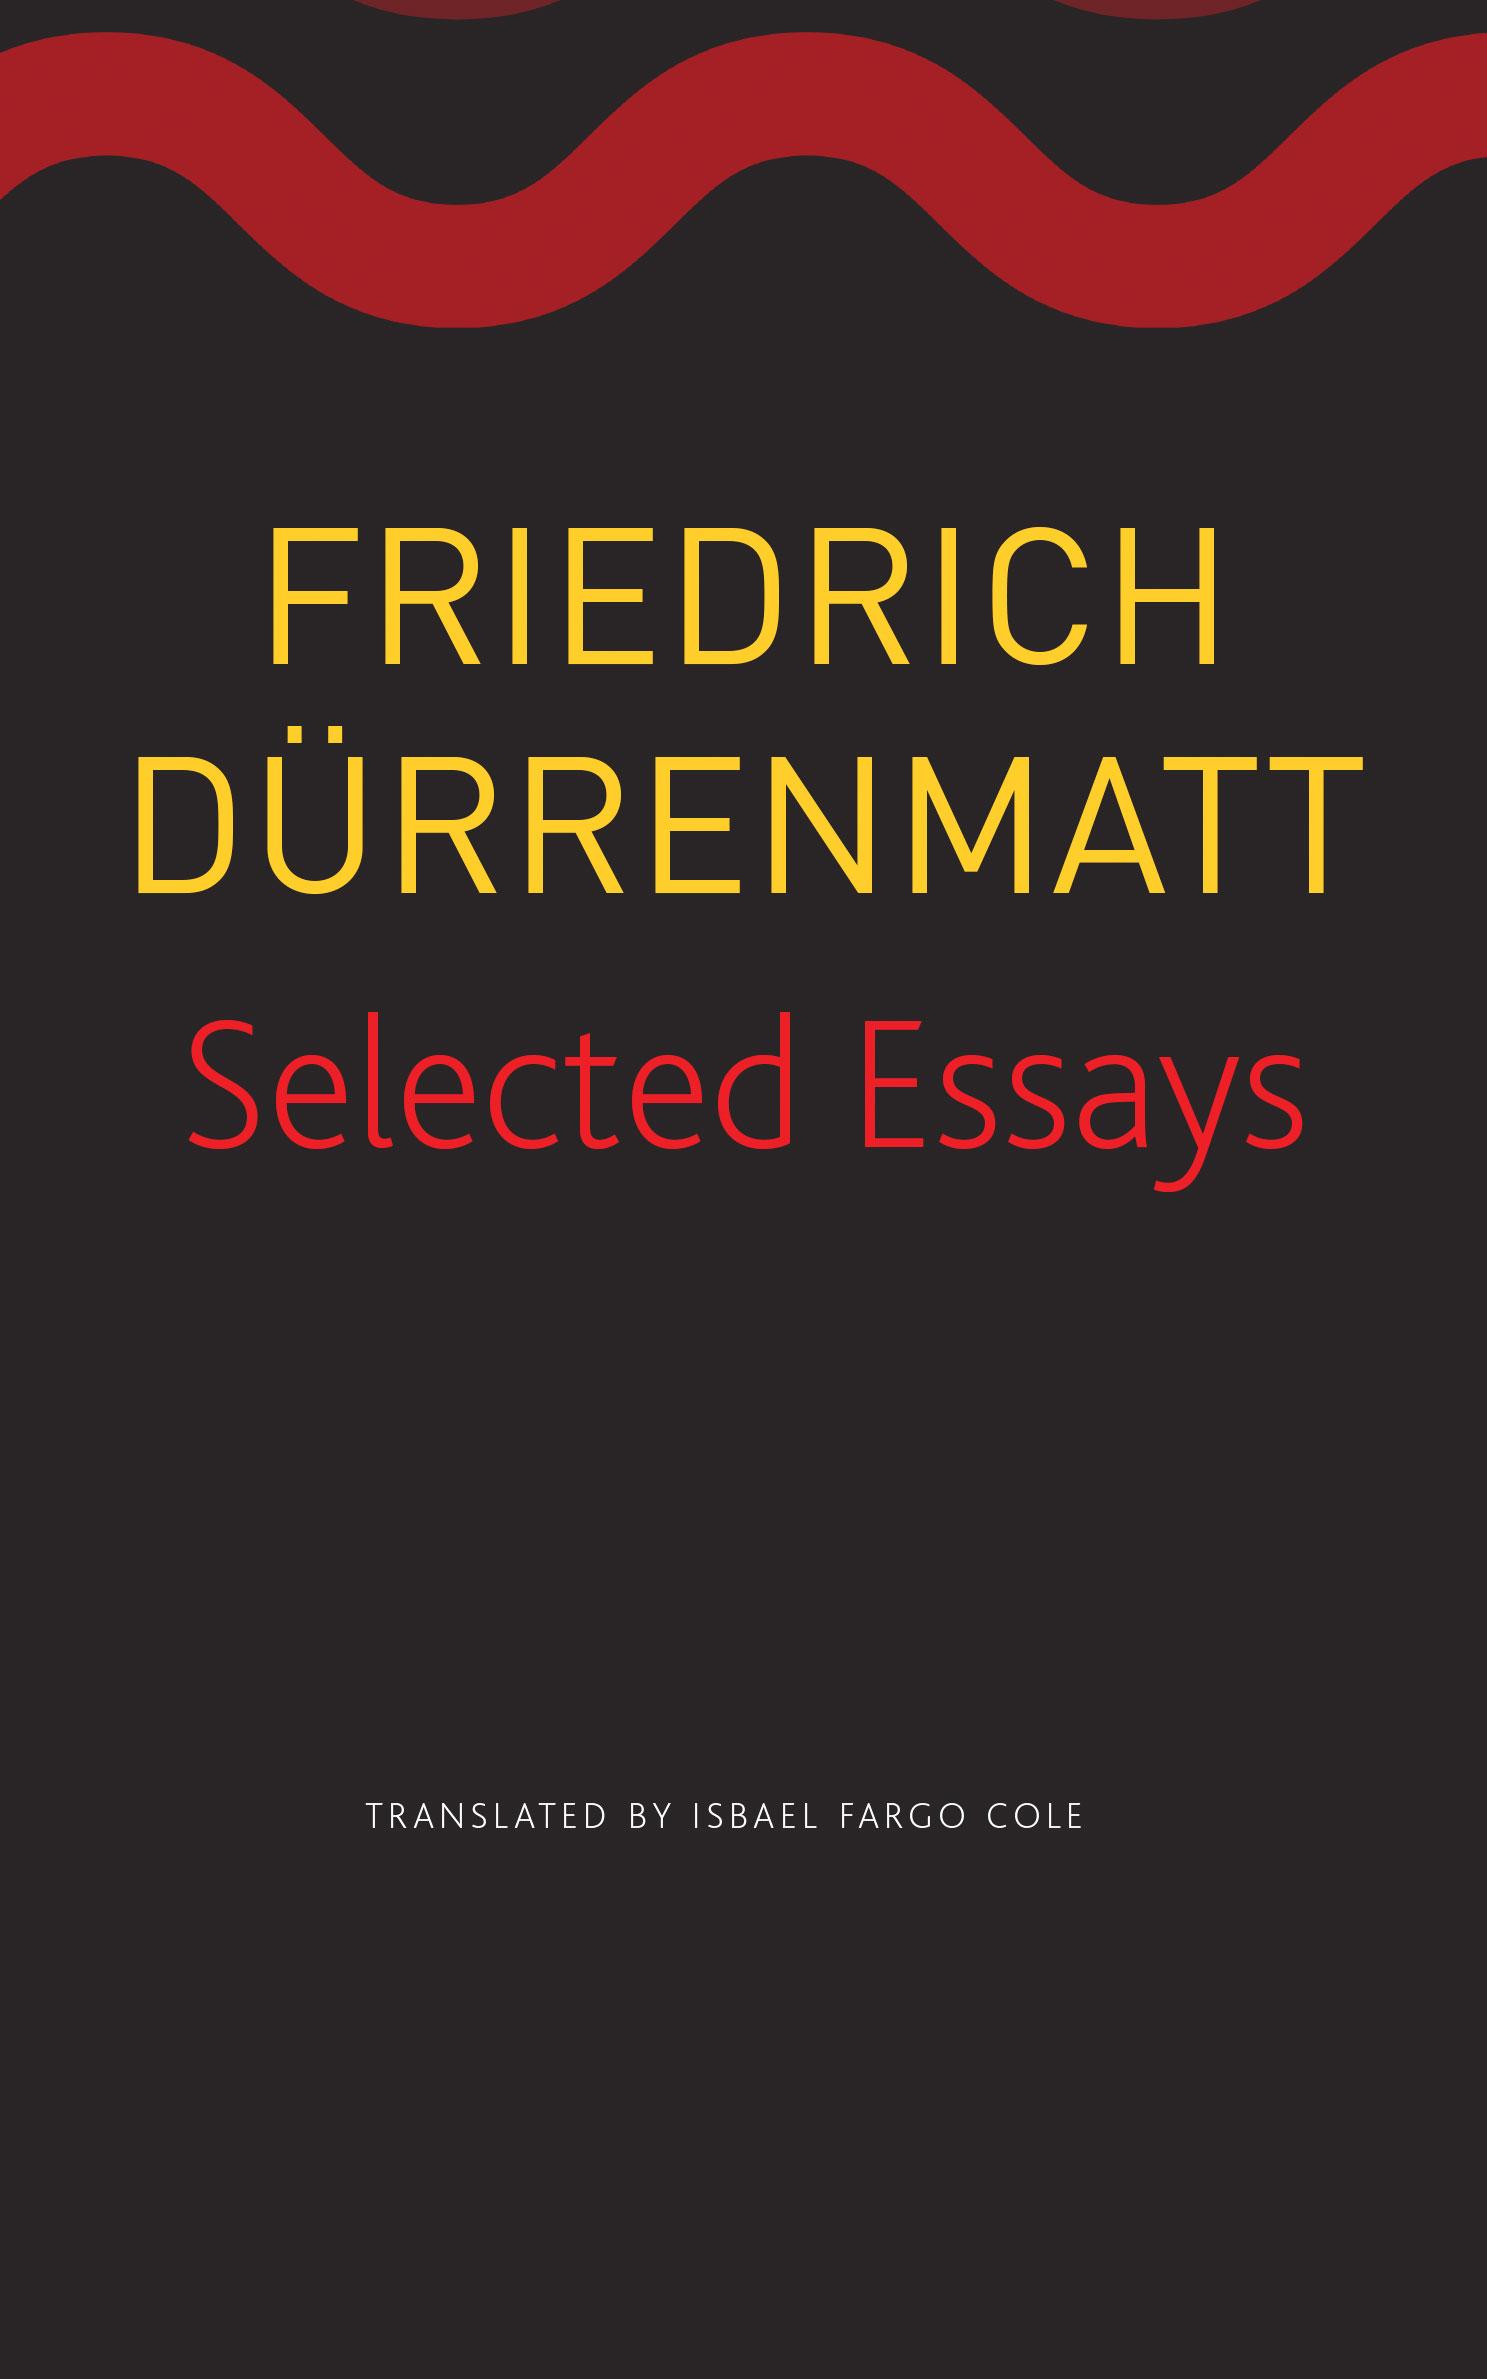 Selected Essays by Friedrich Dürrenmatt